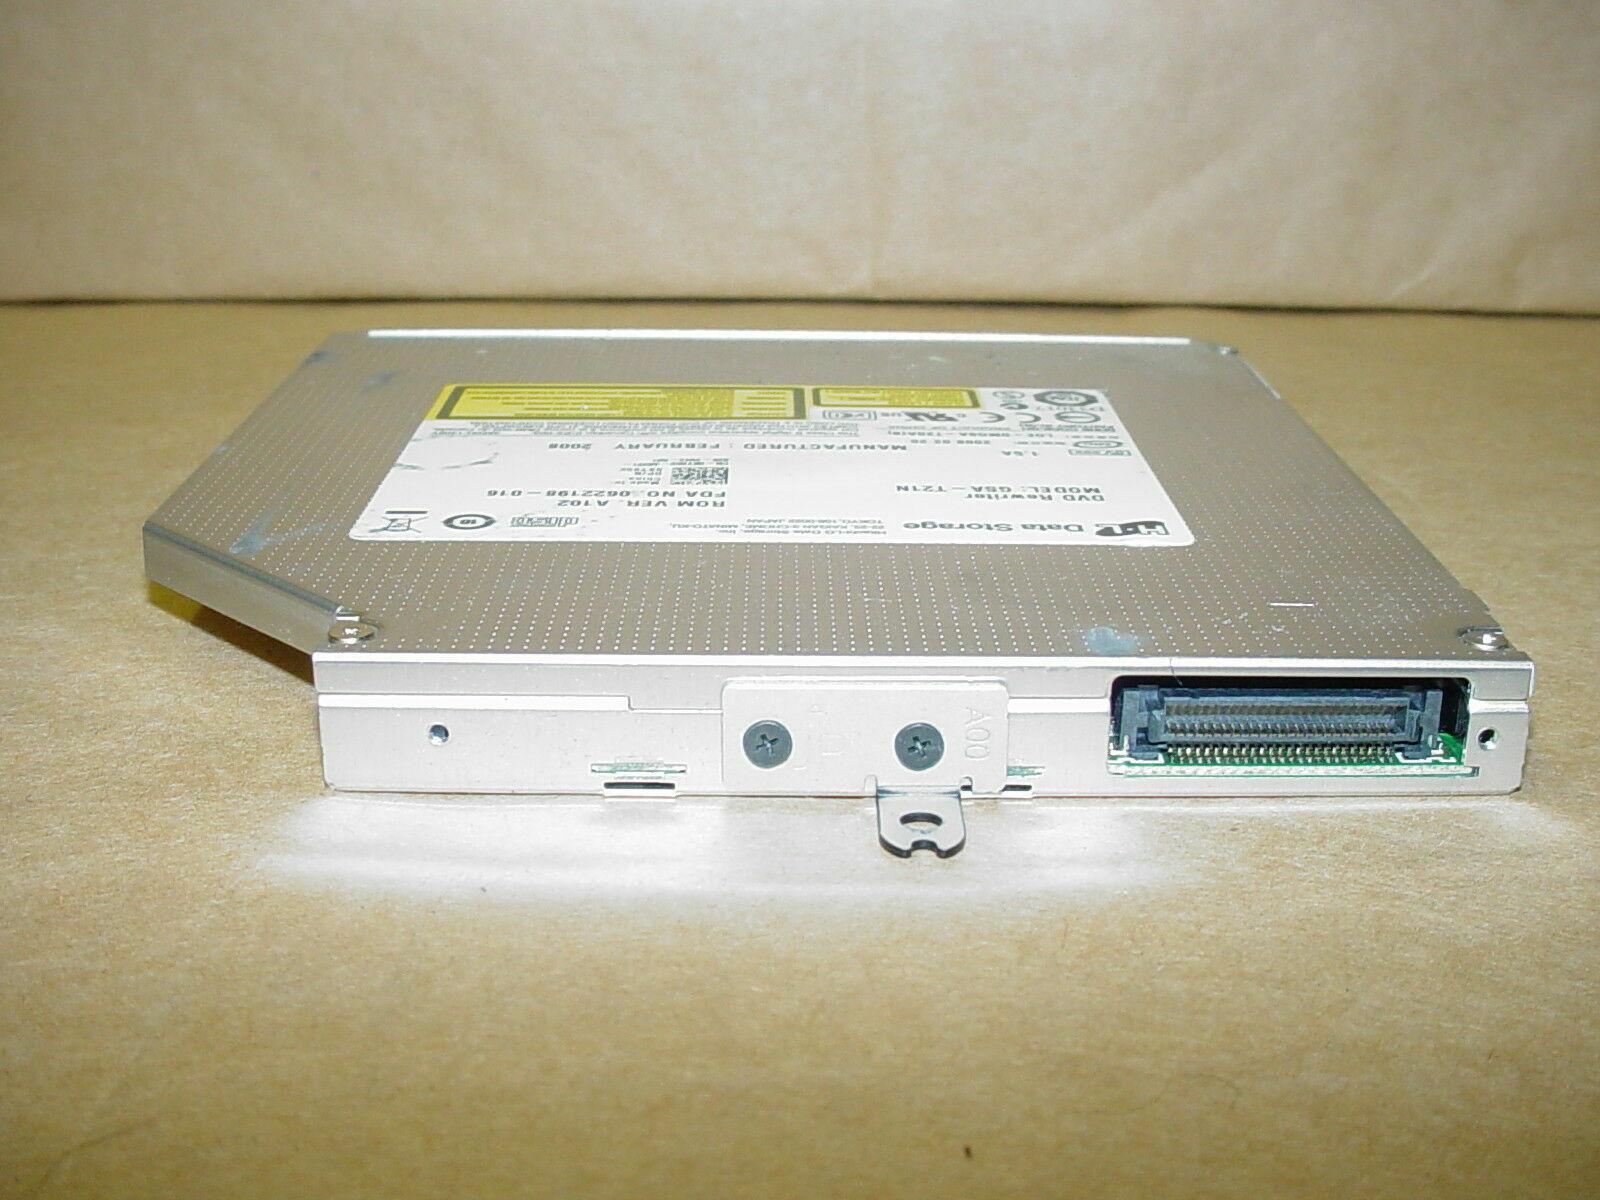 Original lecteur dvd/cd hitachi gsa-t21n  pour pc portable ide